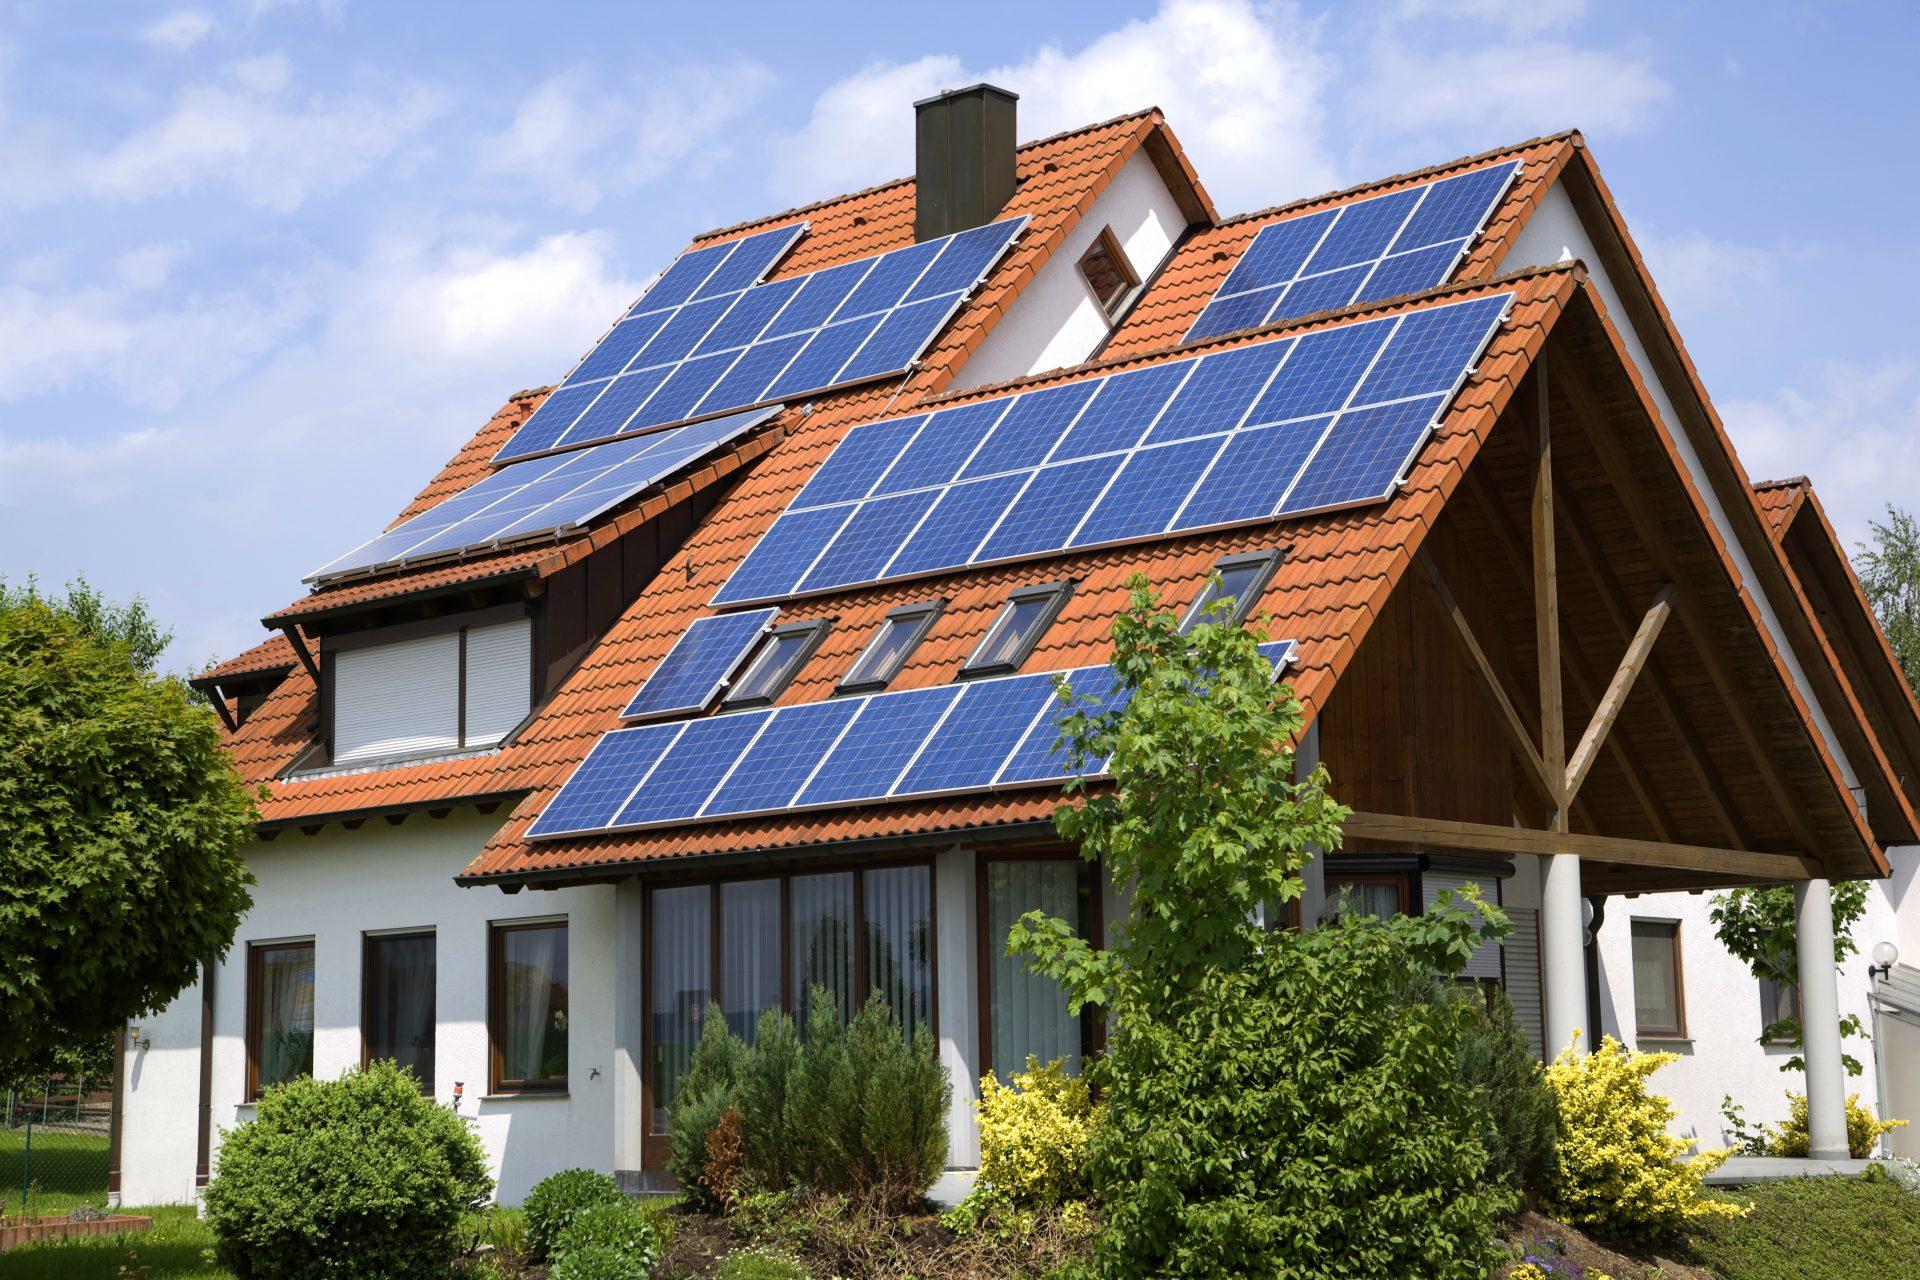 Weißes Haus mit großem Dach und Solartechnik